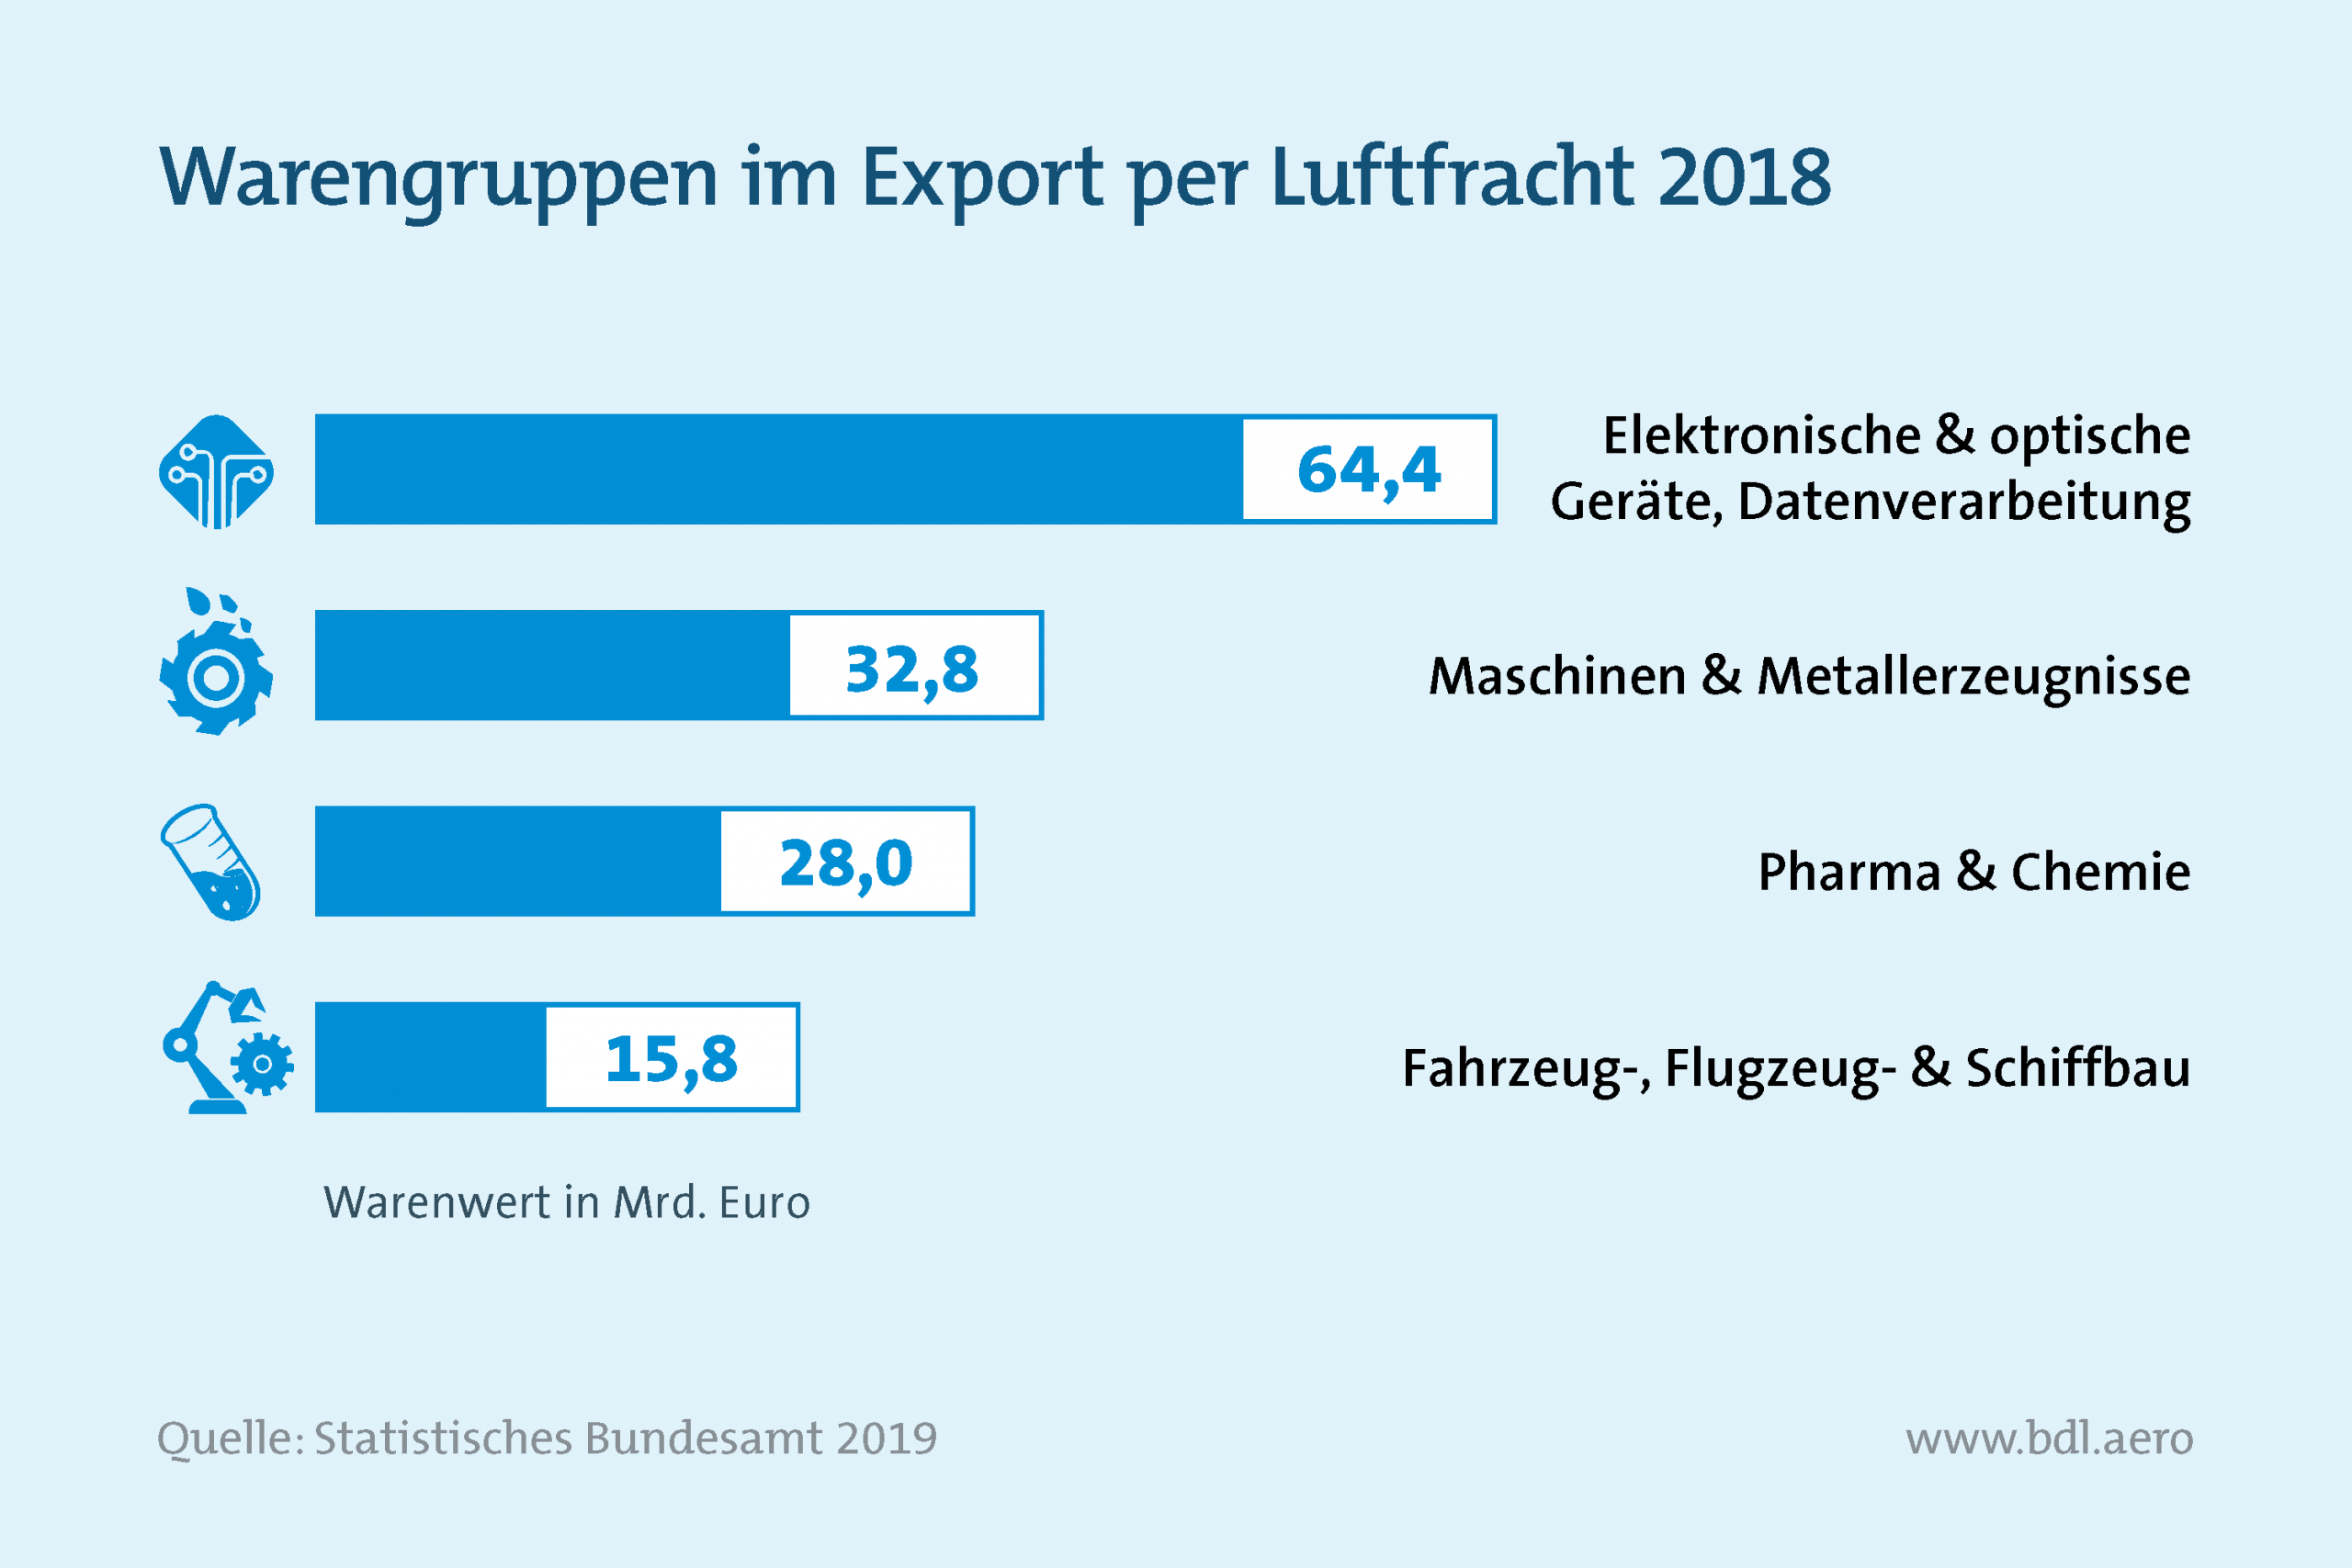 Warengruppe im Export per Luftfracht 2018